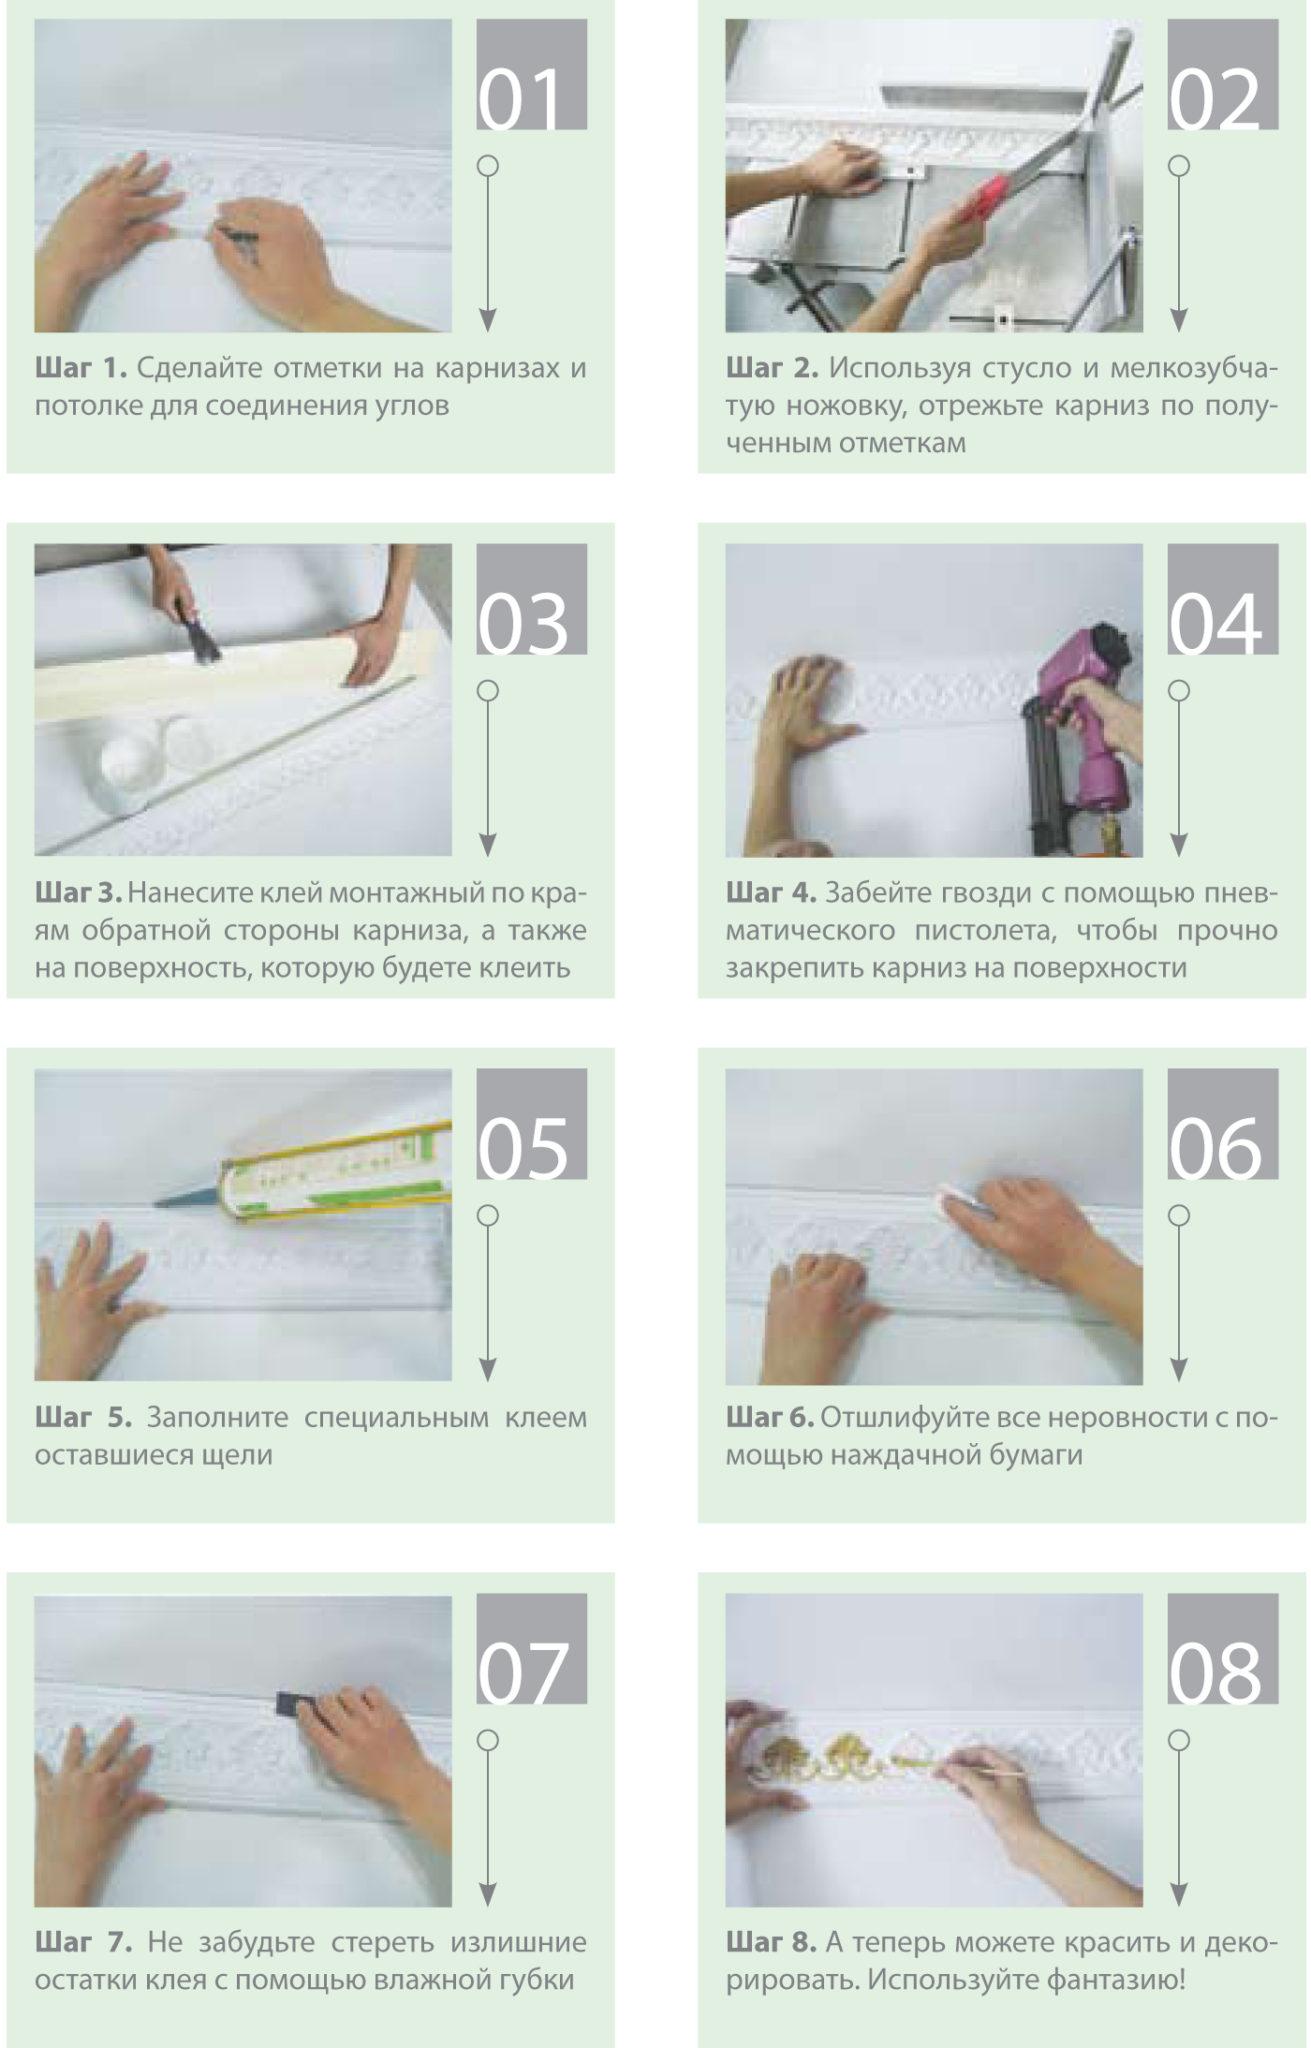 Инструкция по монтажу лепного плинтуса на потолок в картинках